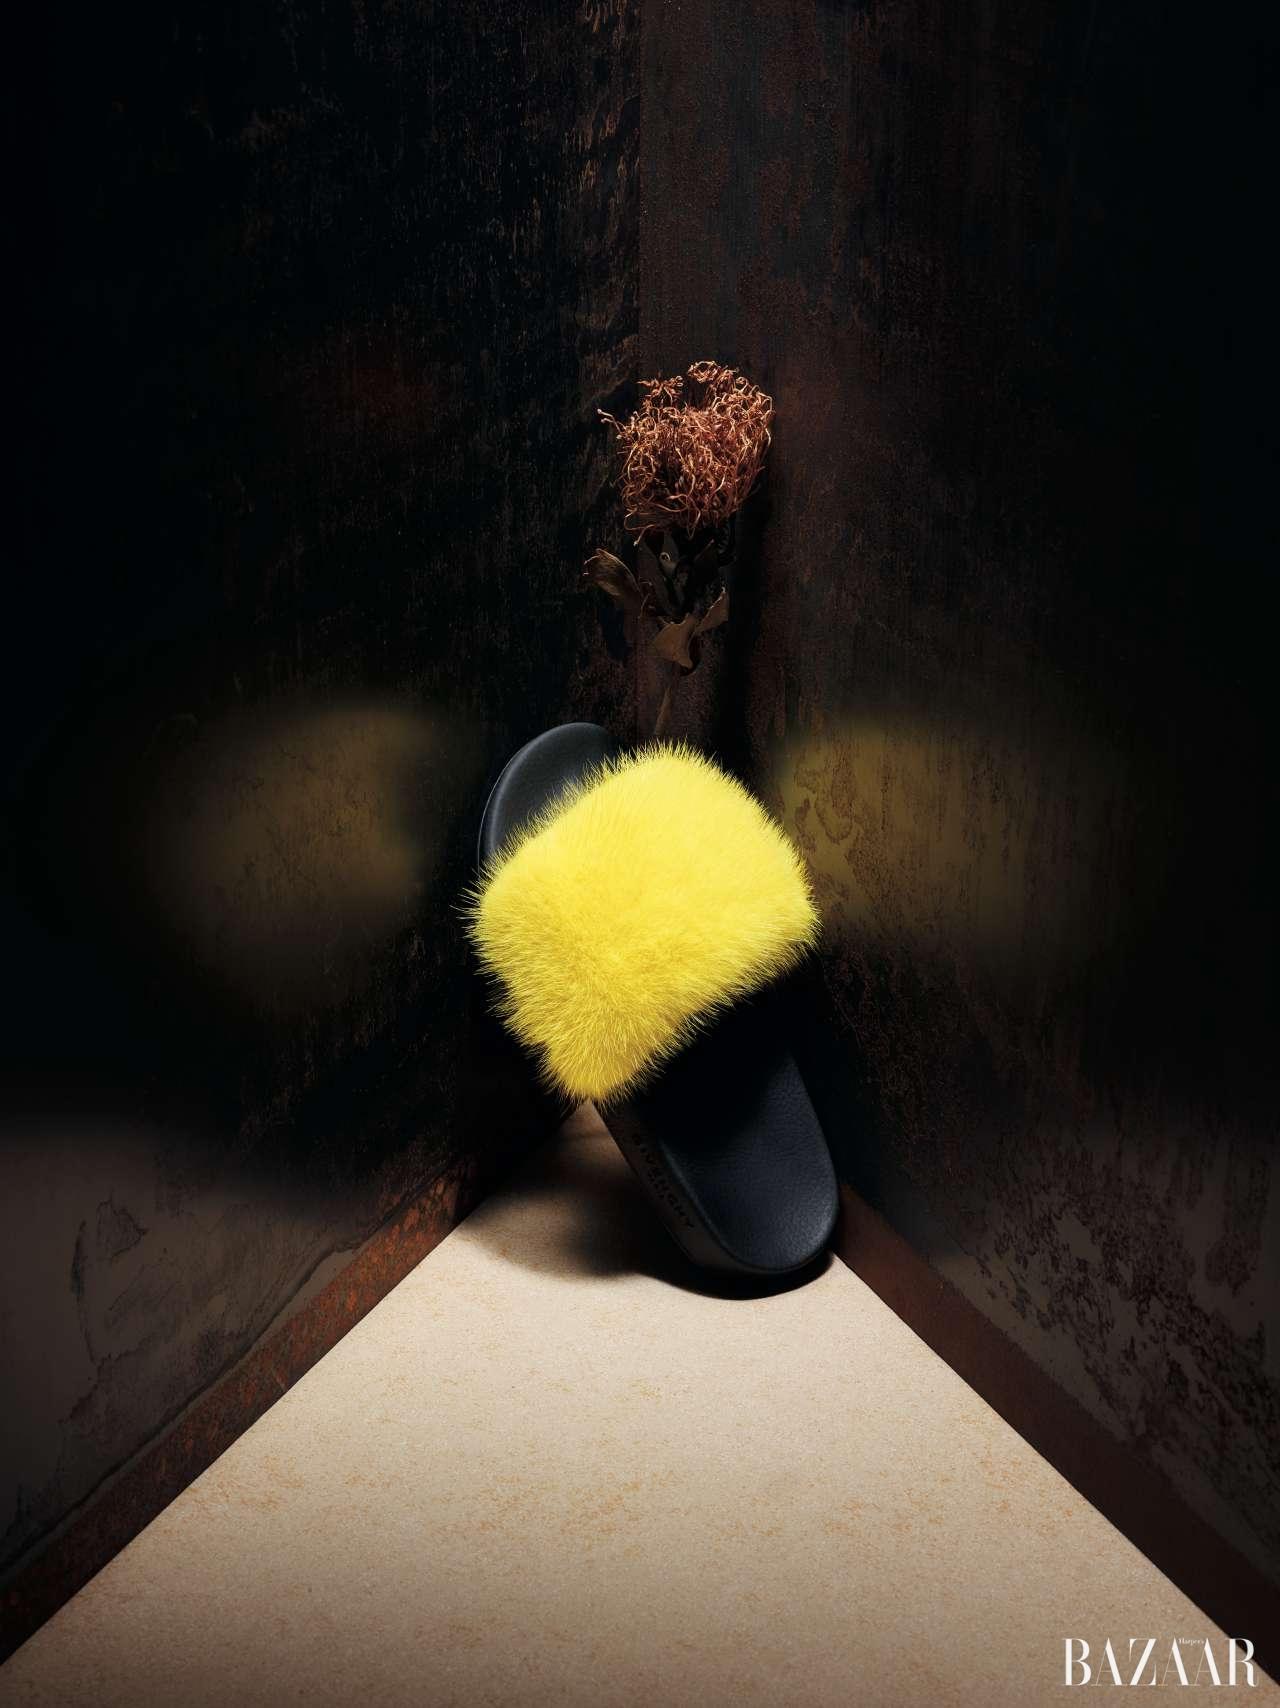 상큼한 레몬 옐로 컬러 밍크 퍼가 포인트로 가미된 슬라이드는 79만원으로 Givenchy